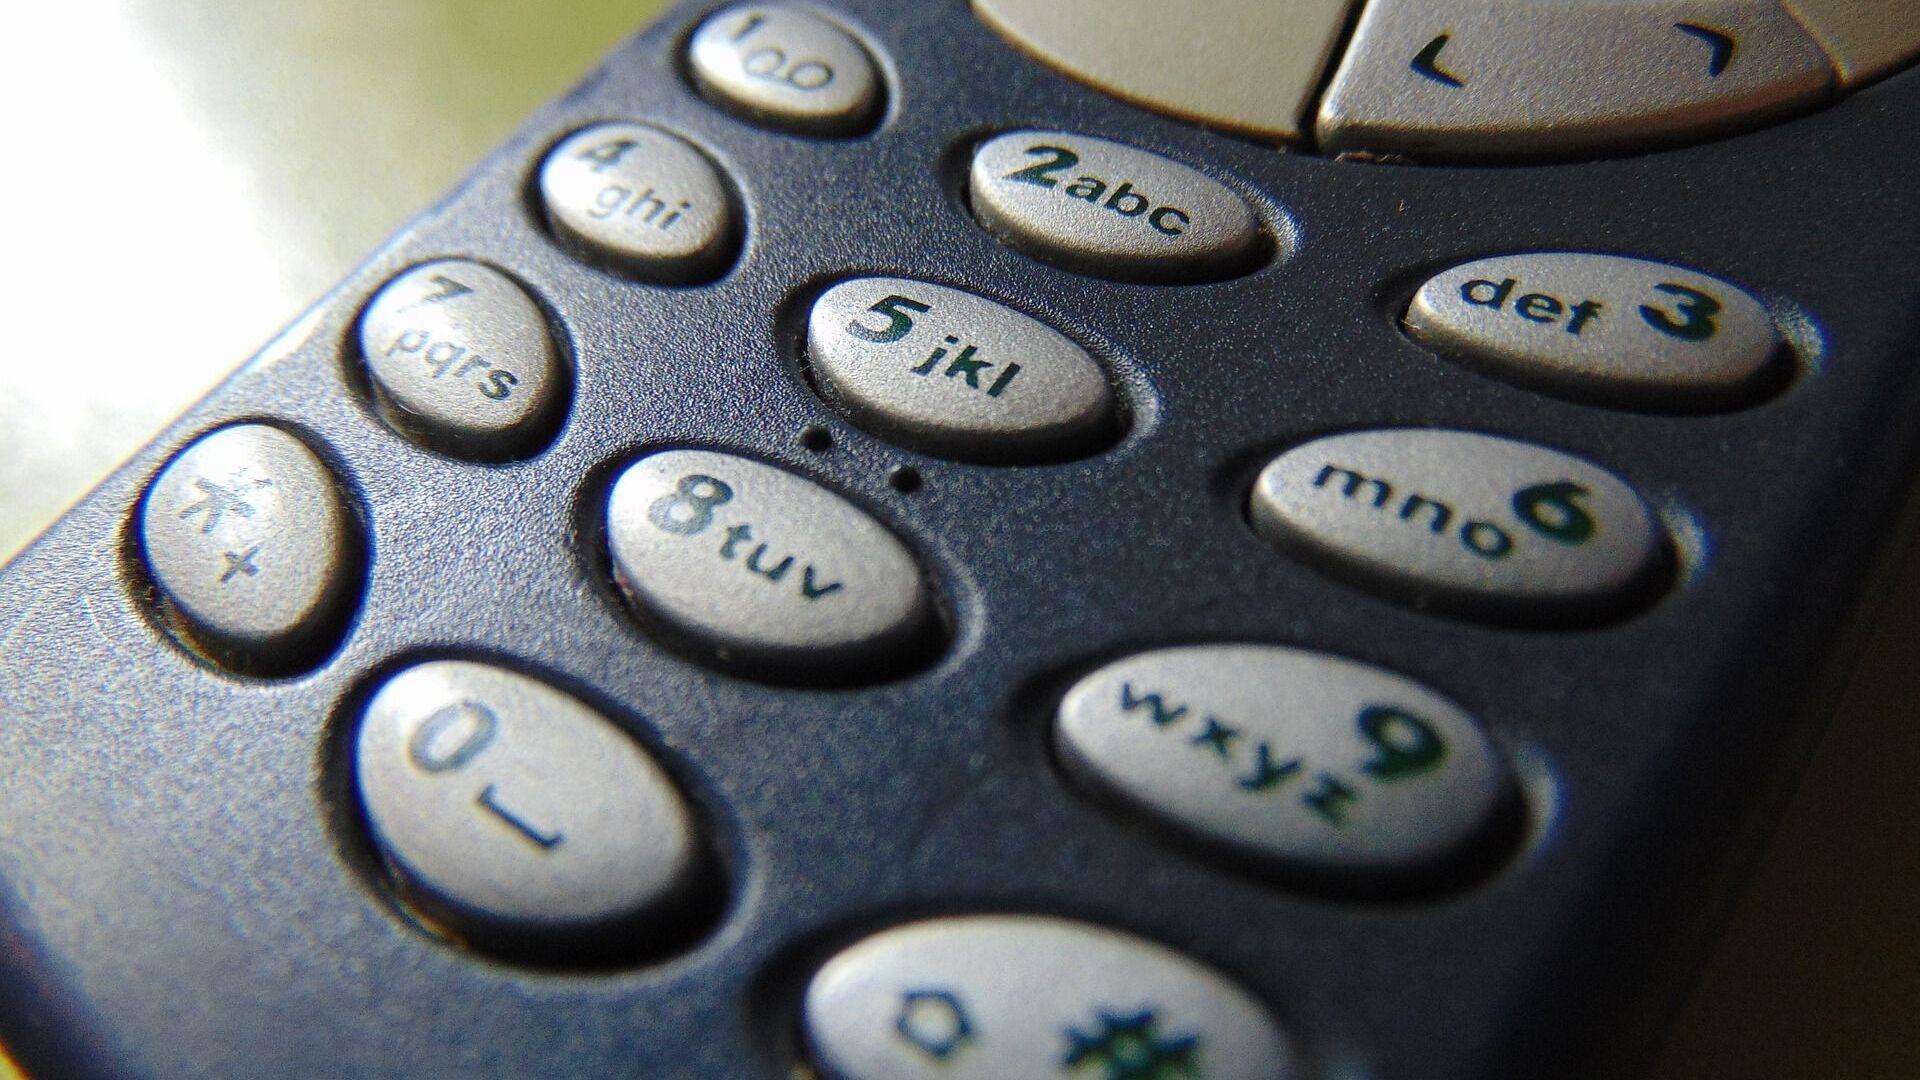 Синий телефон Nokia 3310 крупным планом - Sputnik Italia, 1920, 31.08.2021